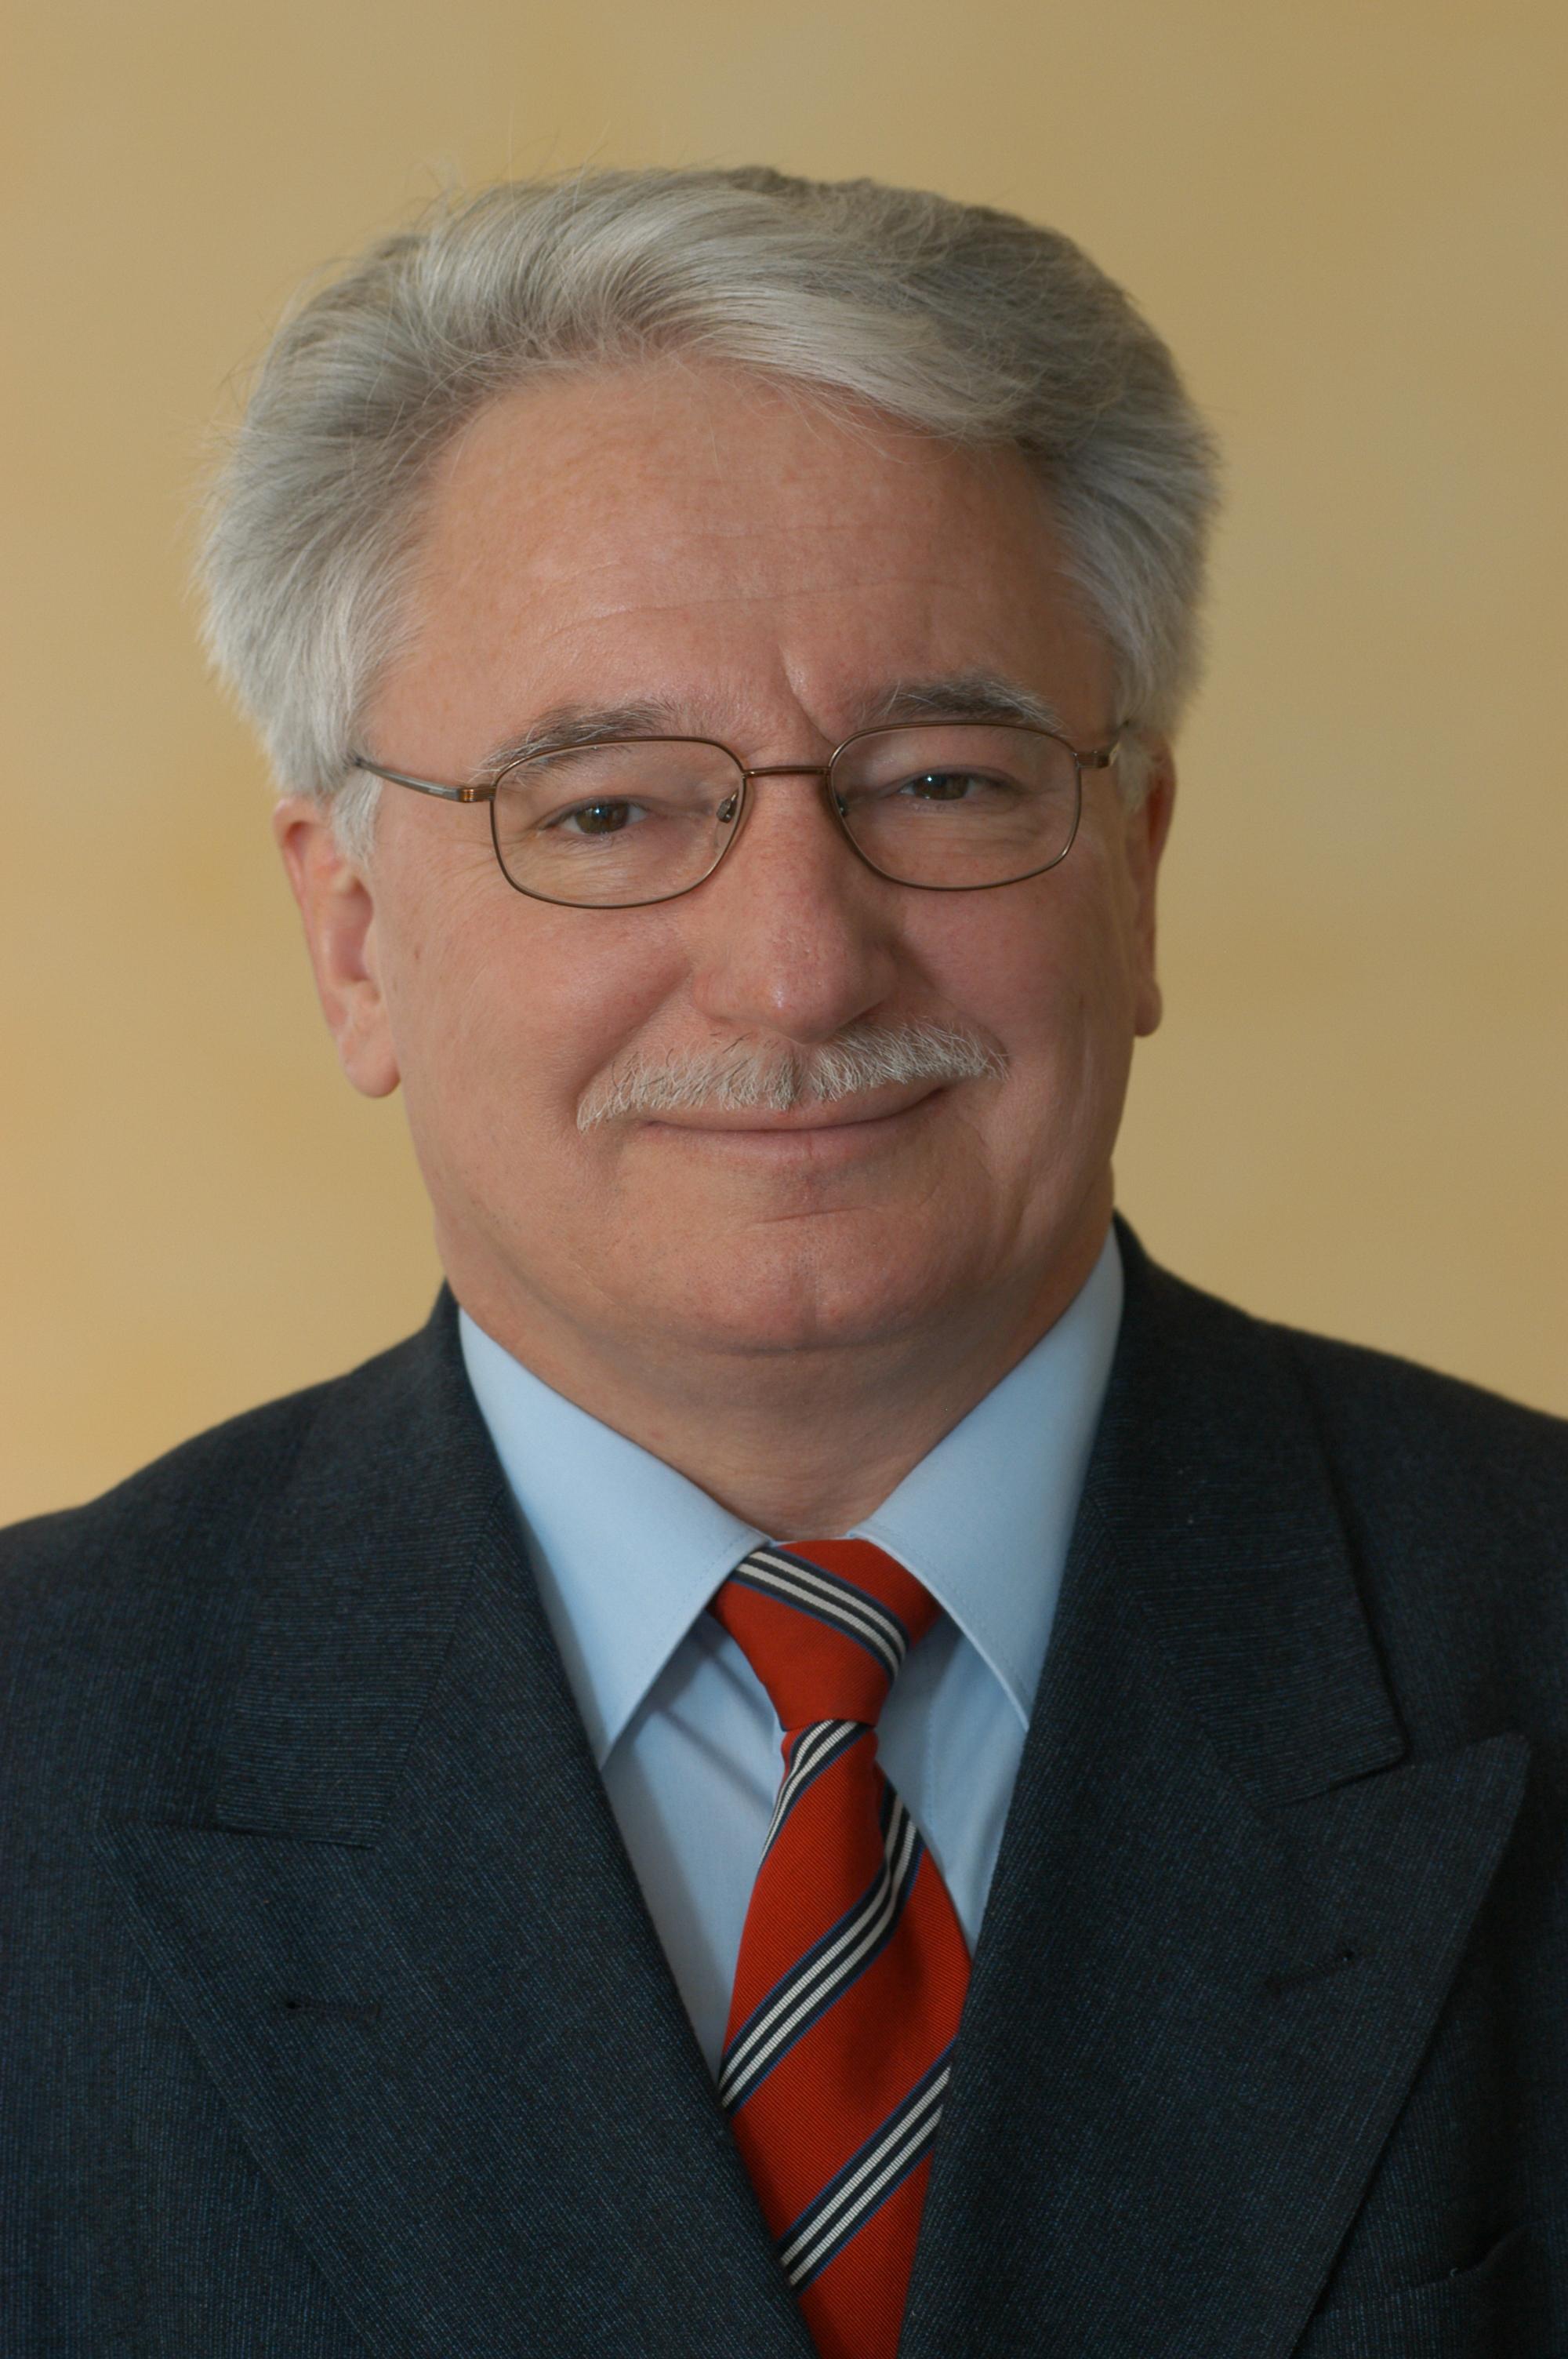 Günter Untucht, Trend Micro